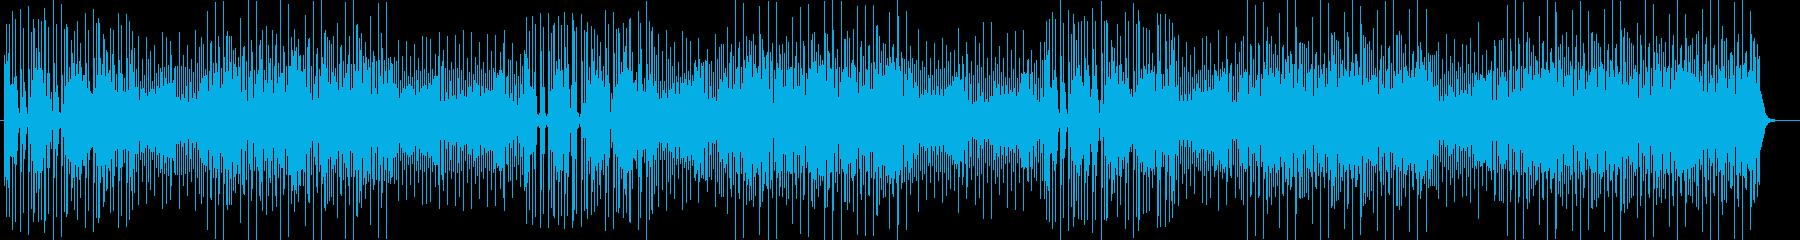 テンポの良いテクノミュージックの再生済みの波形